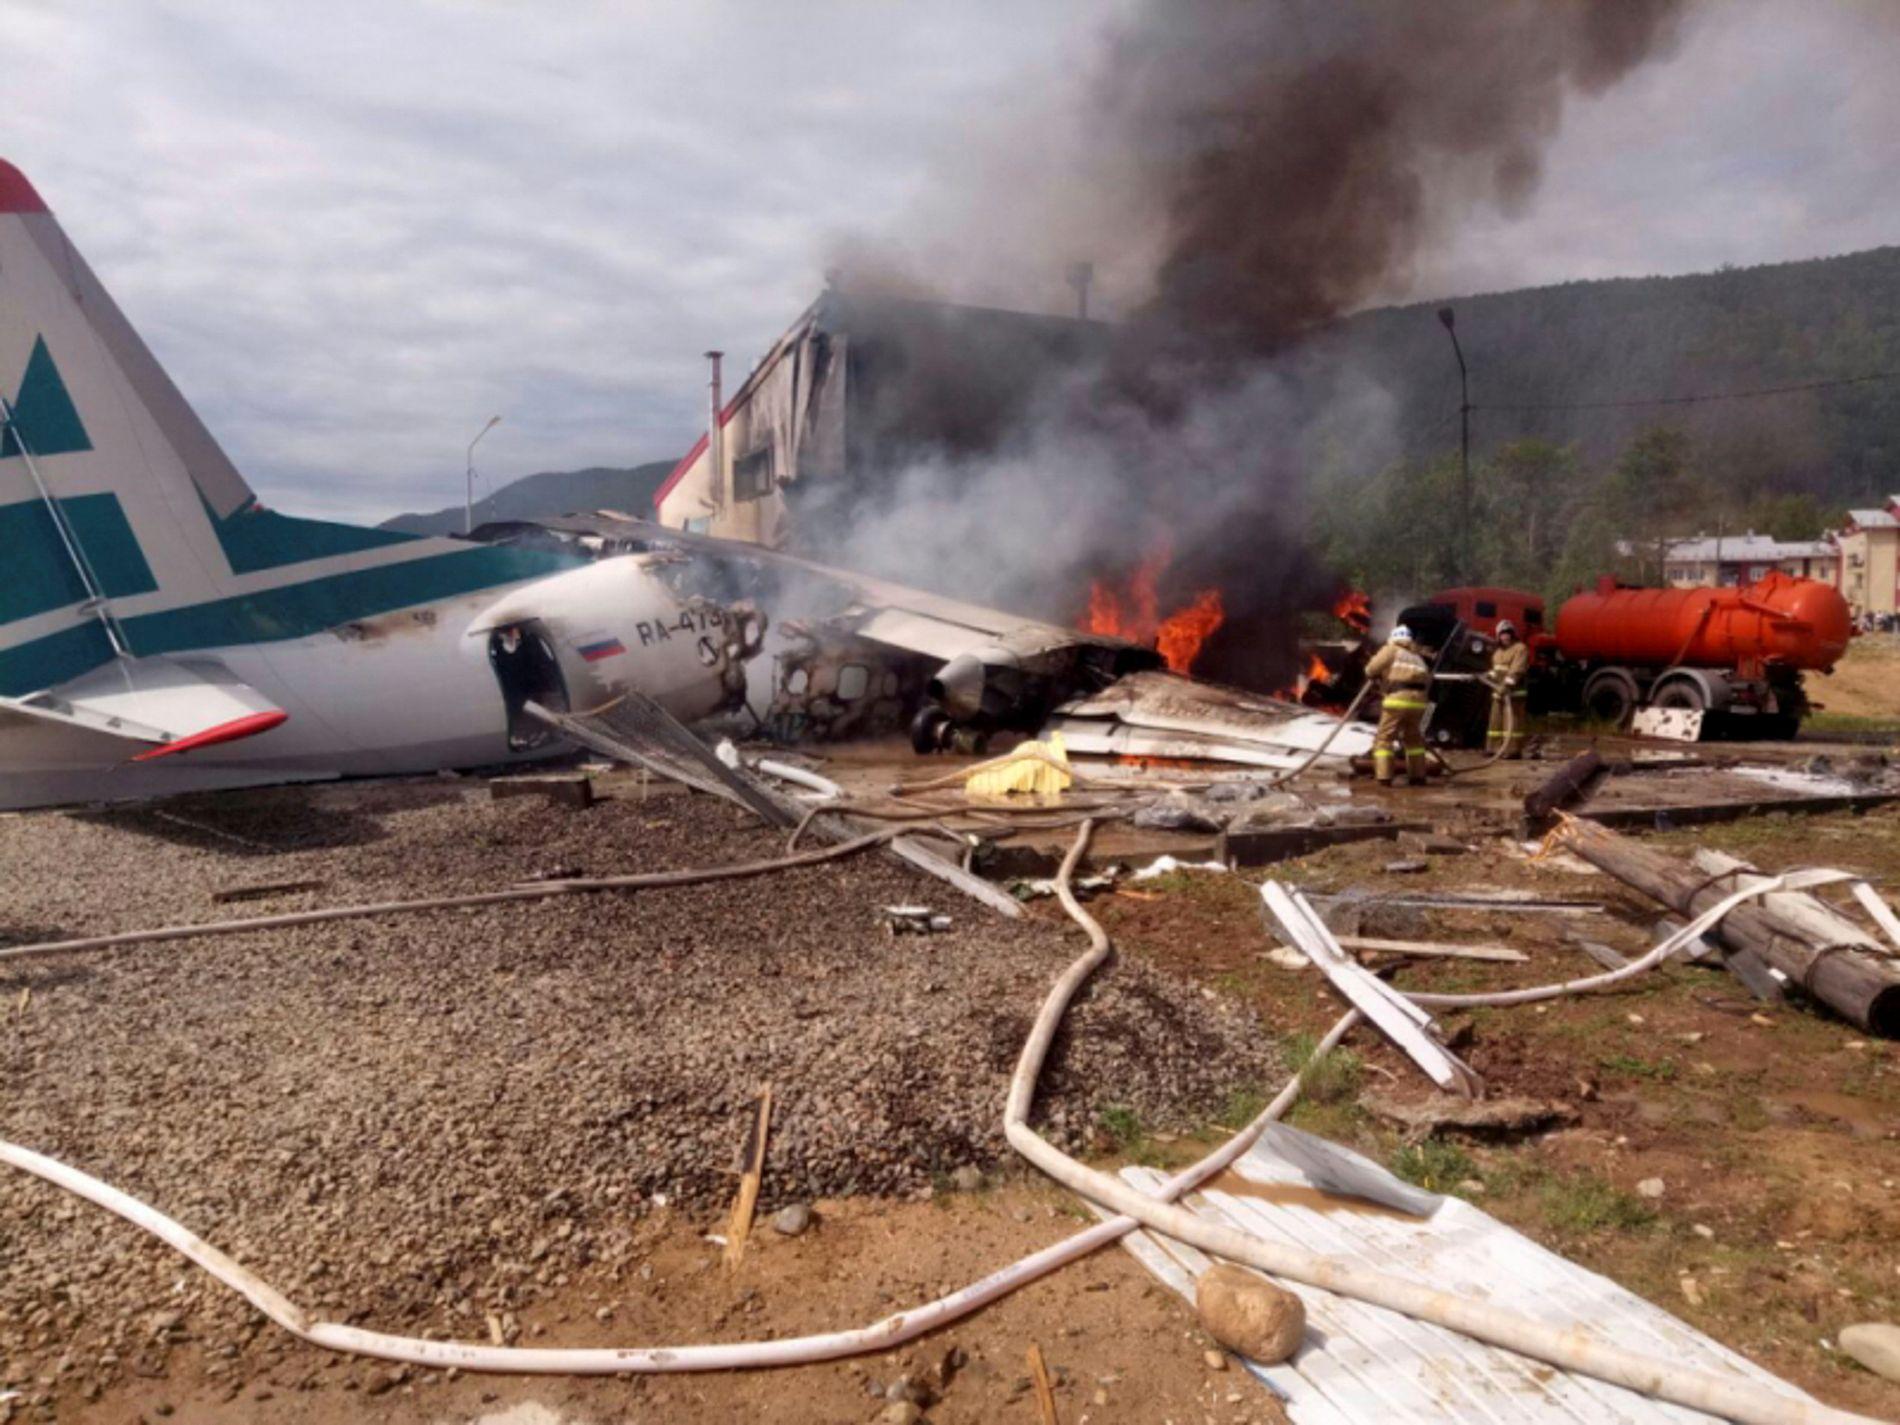 DRAMATISK: Det startet å brenne i flyet under nødlandingen i Nizhneangarsk.